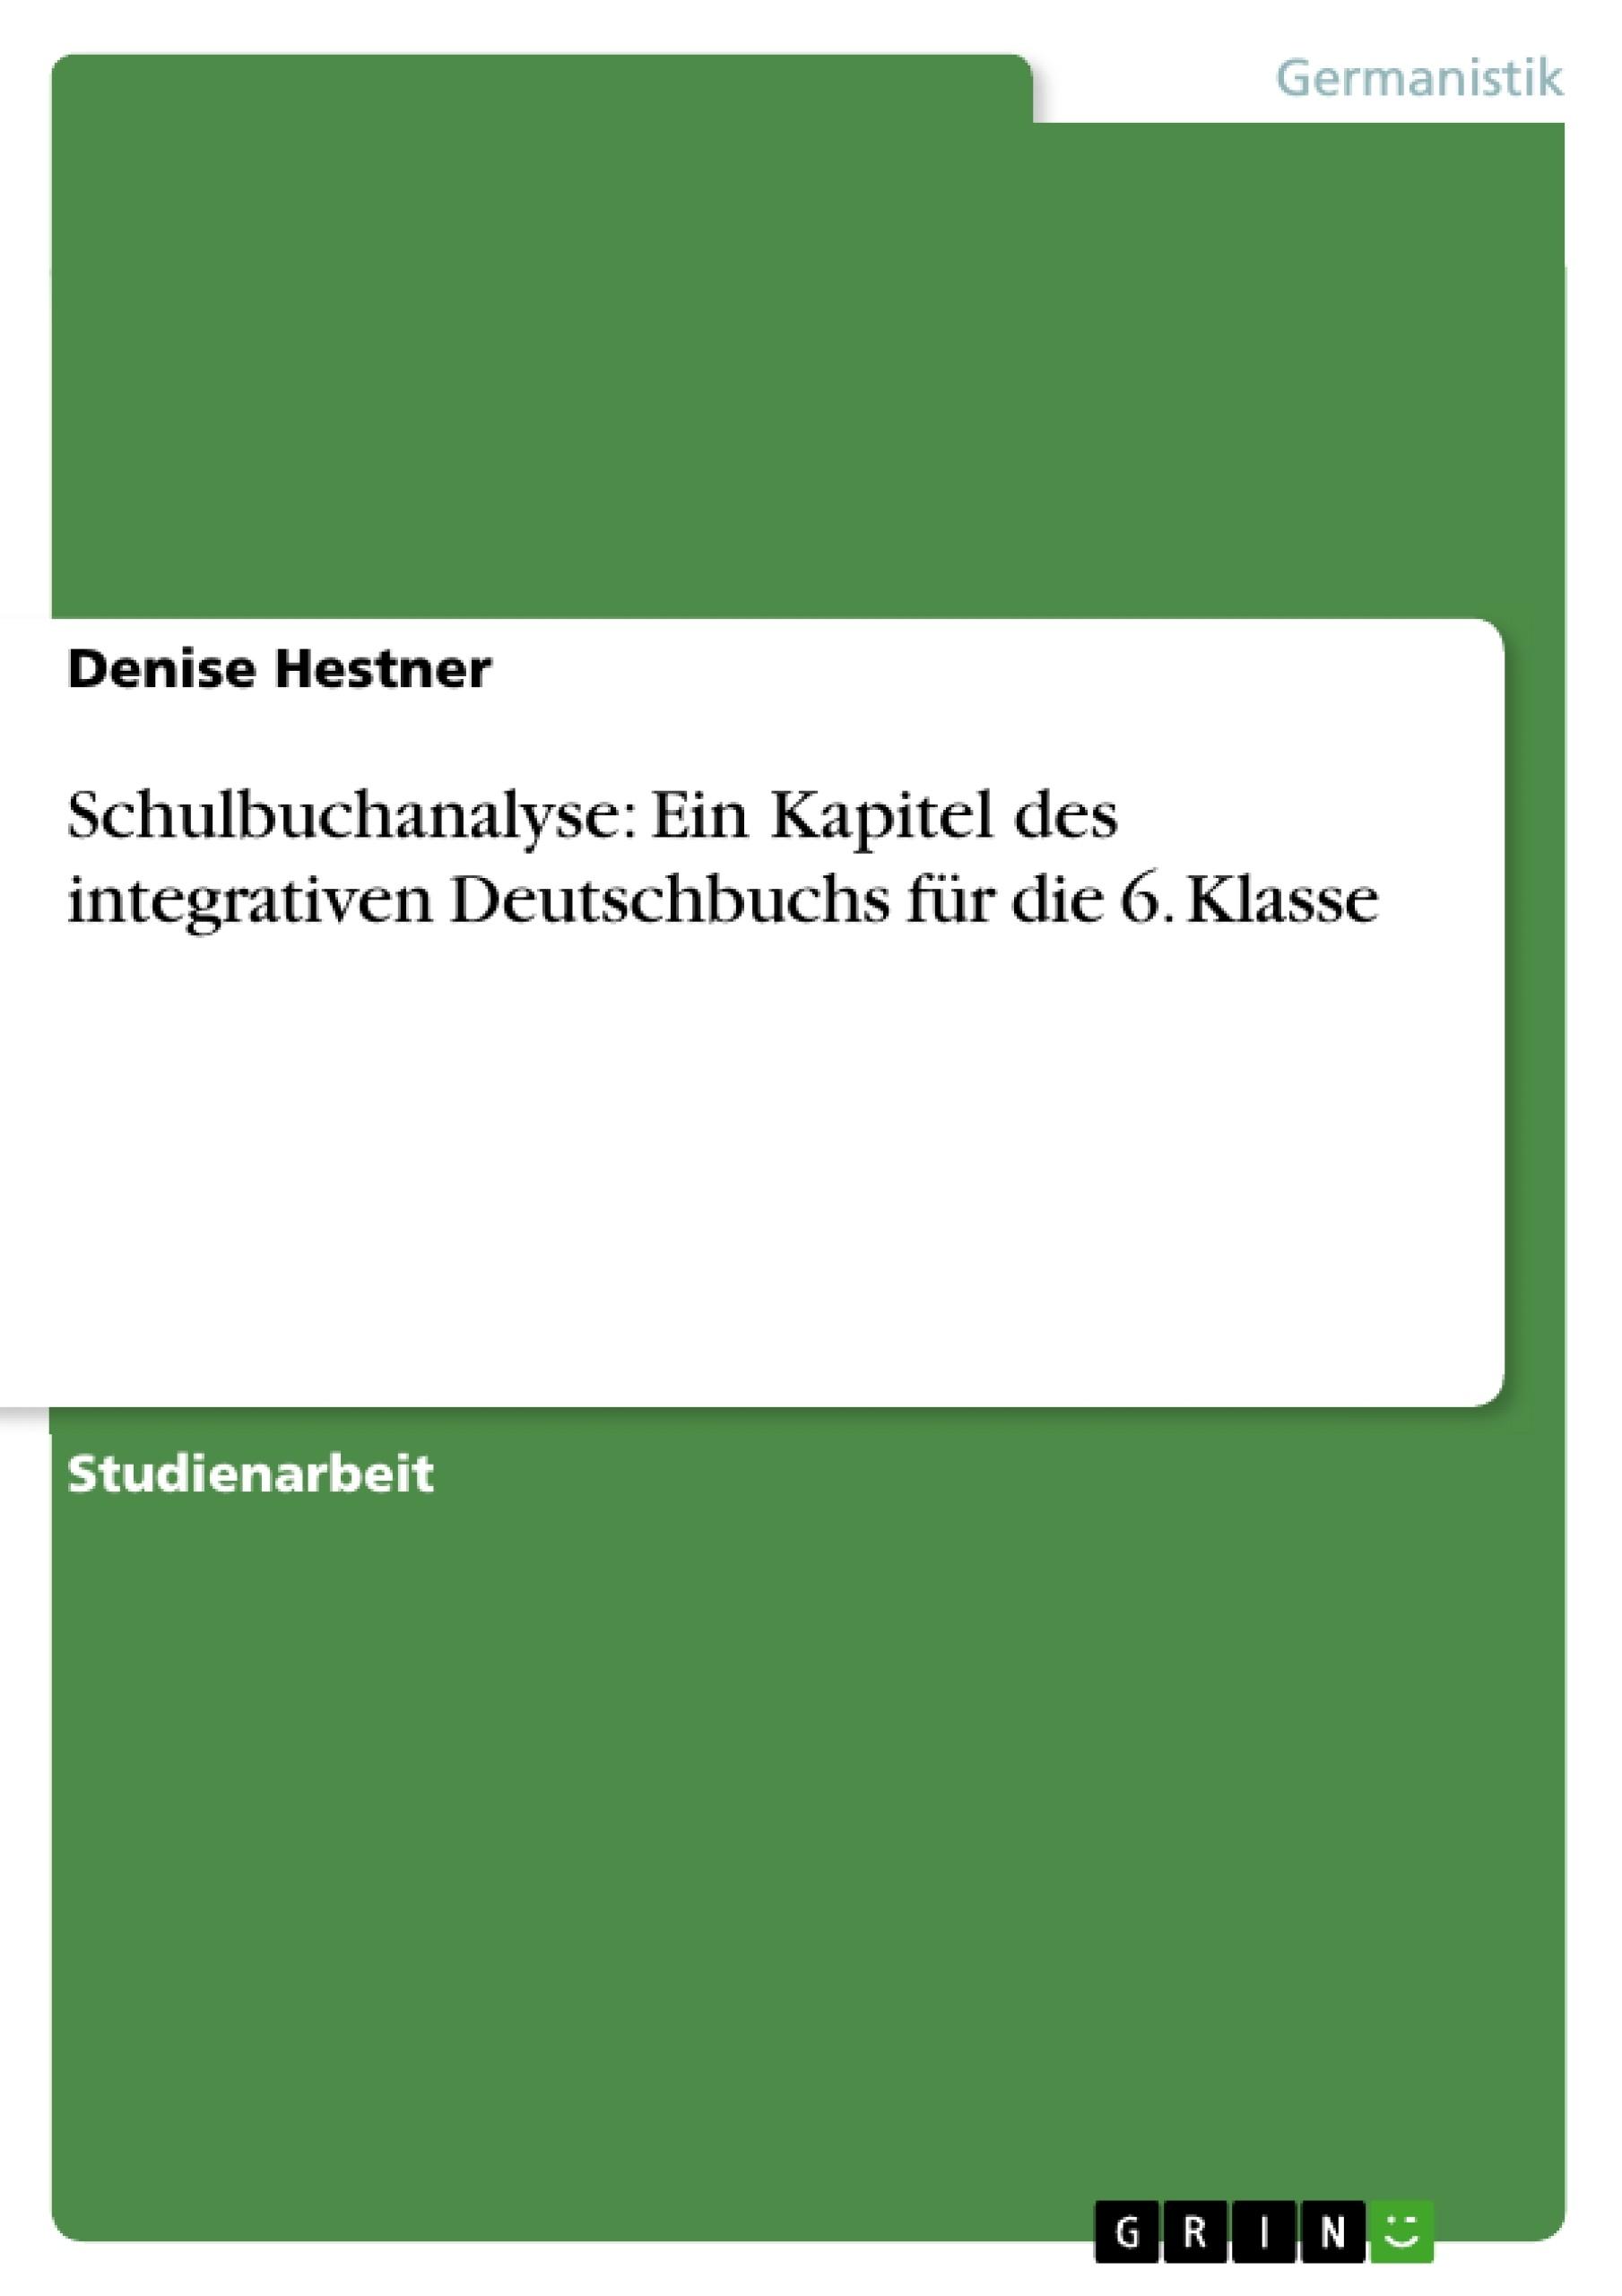 Titel: Schulbuchanalyse: Ein Kapitel des integrativen Deutschbuchs für die 6. Klasse